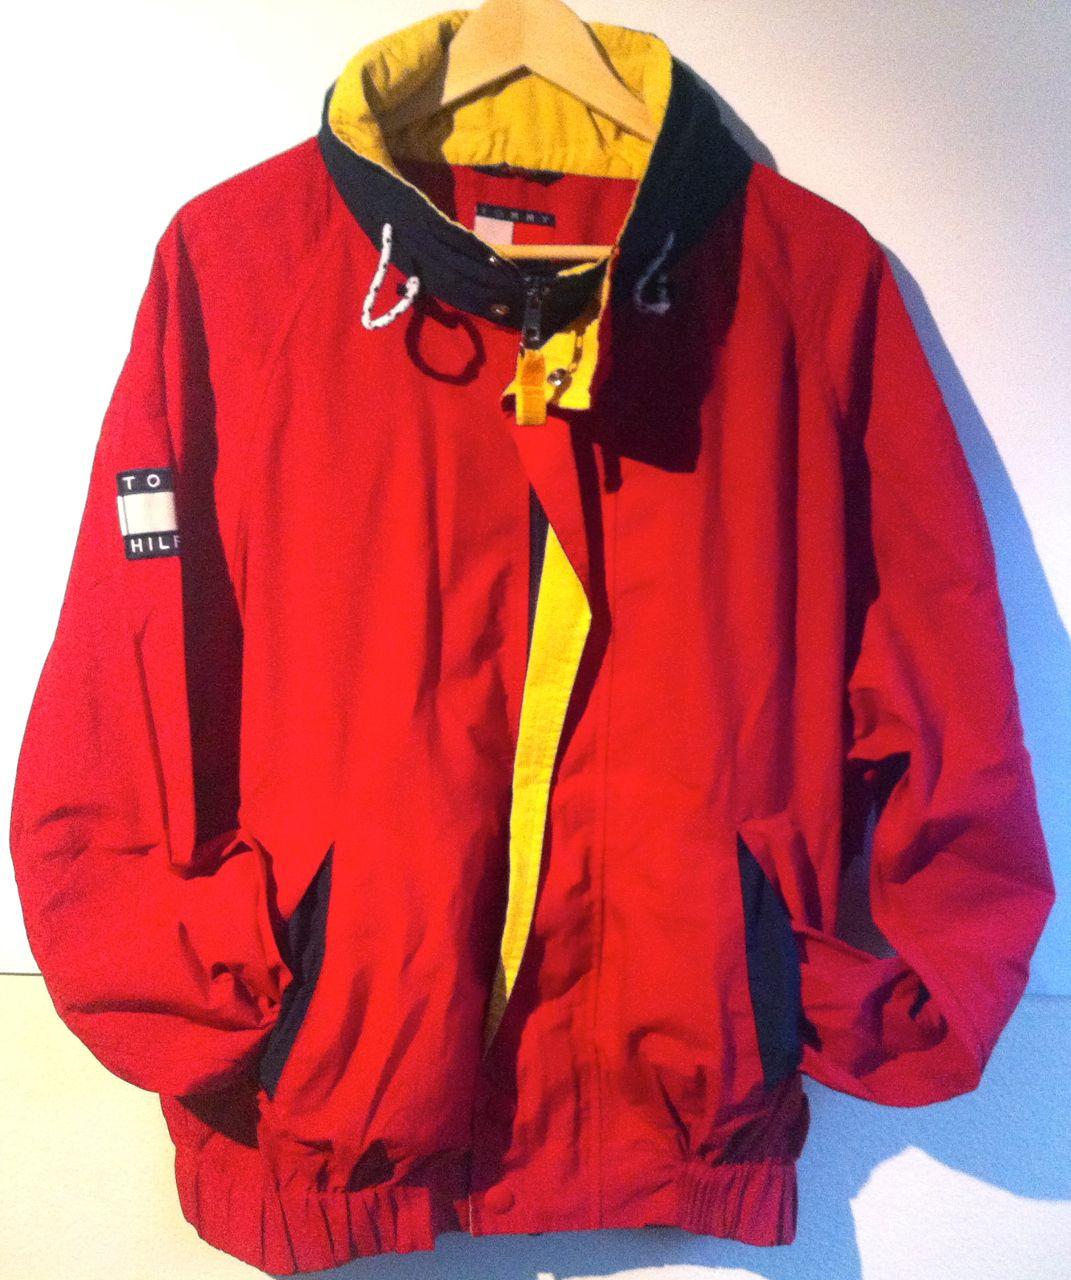 vintage tommy hilfiger red windbreaker jacket big logo. Black Bedroom Furniture Sets. Home Design Ideas